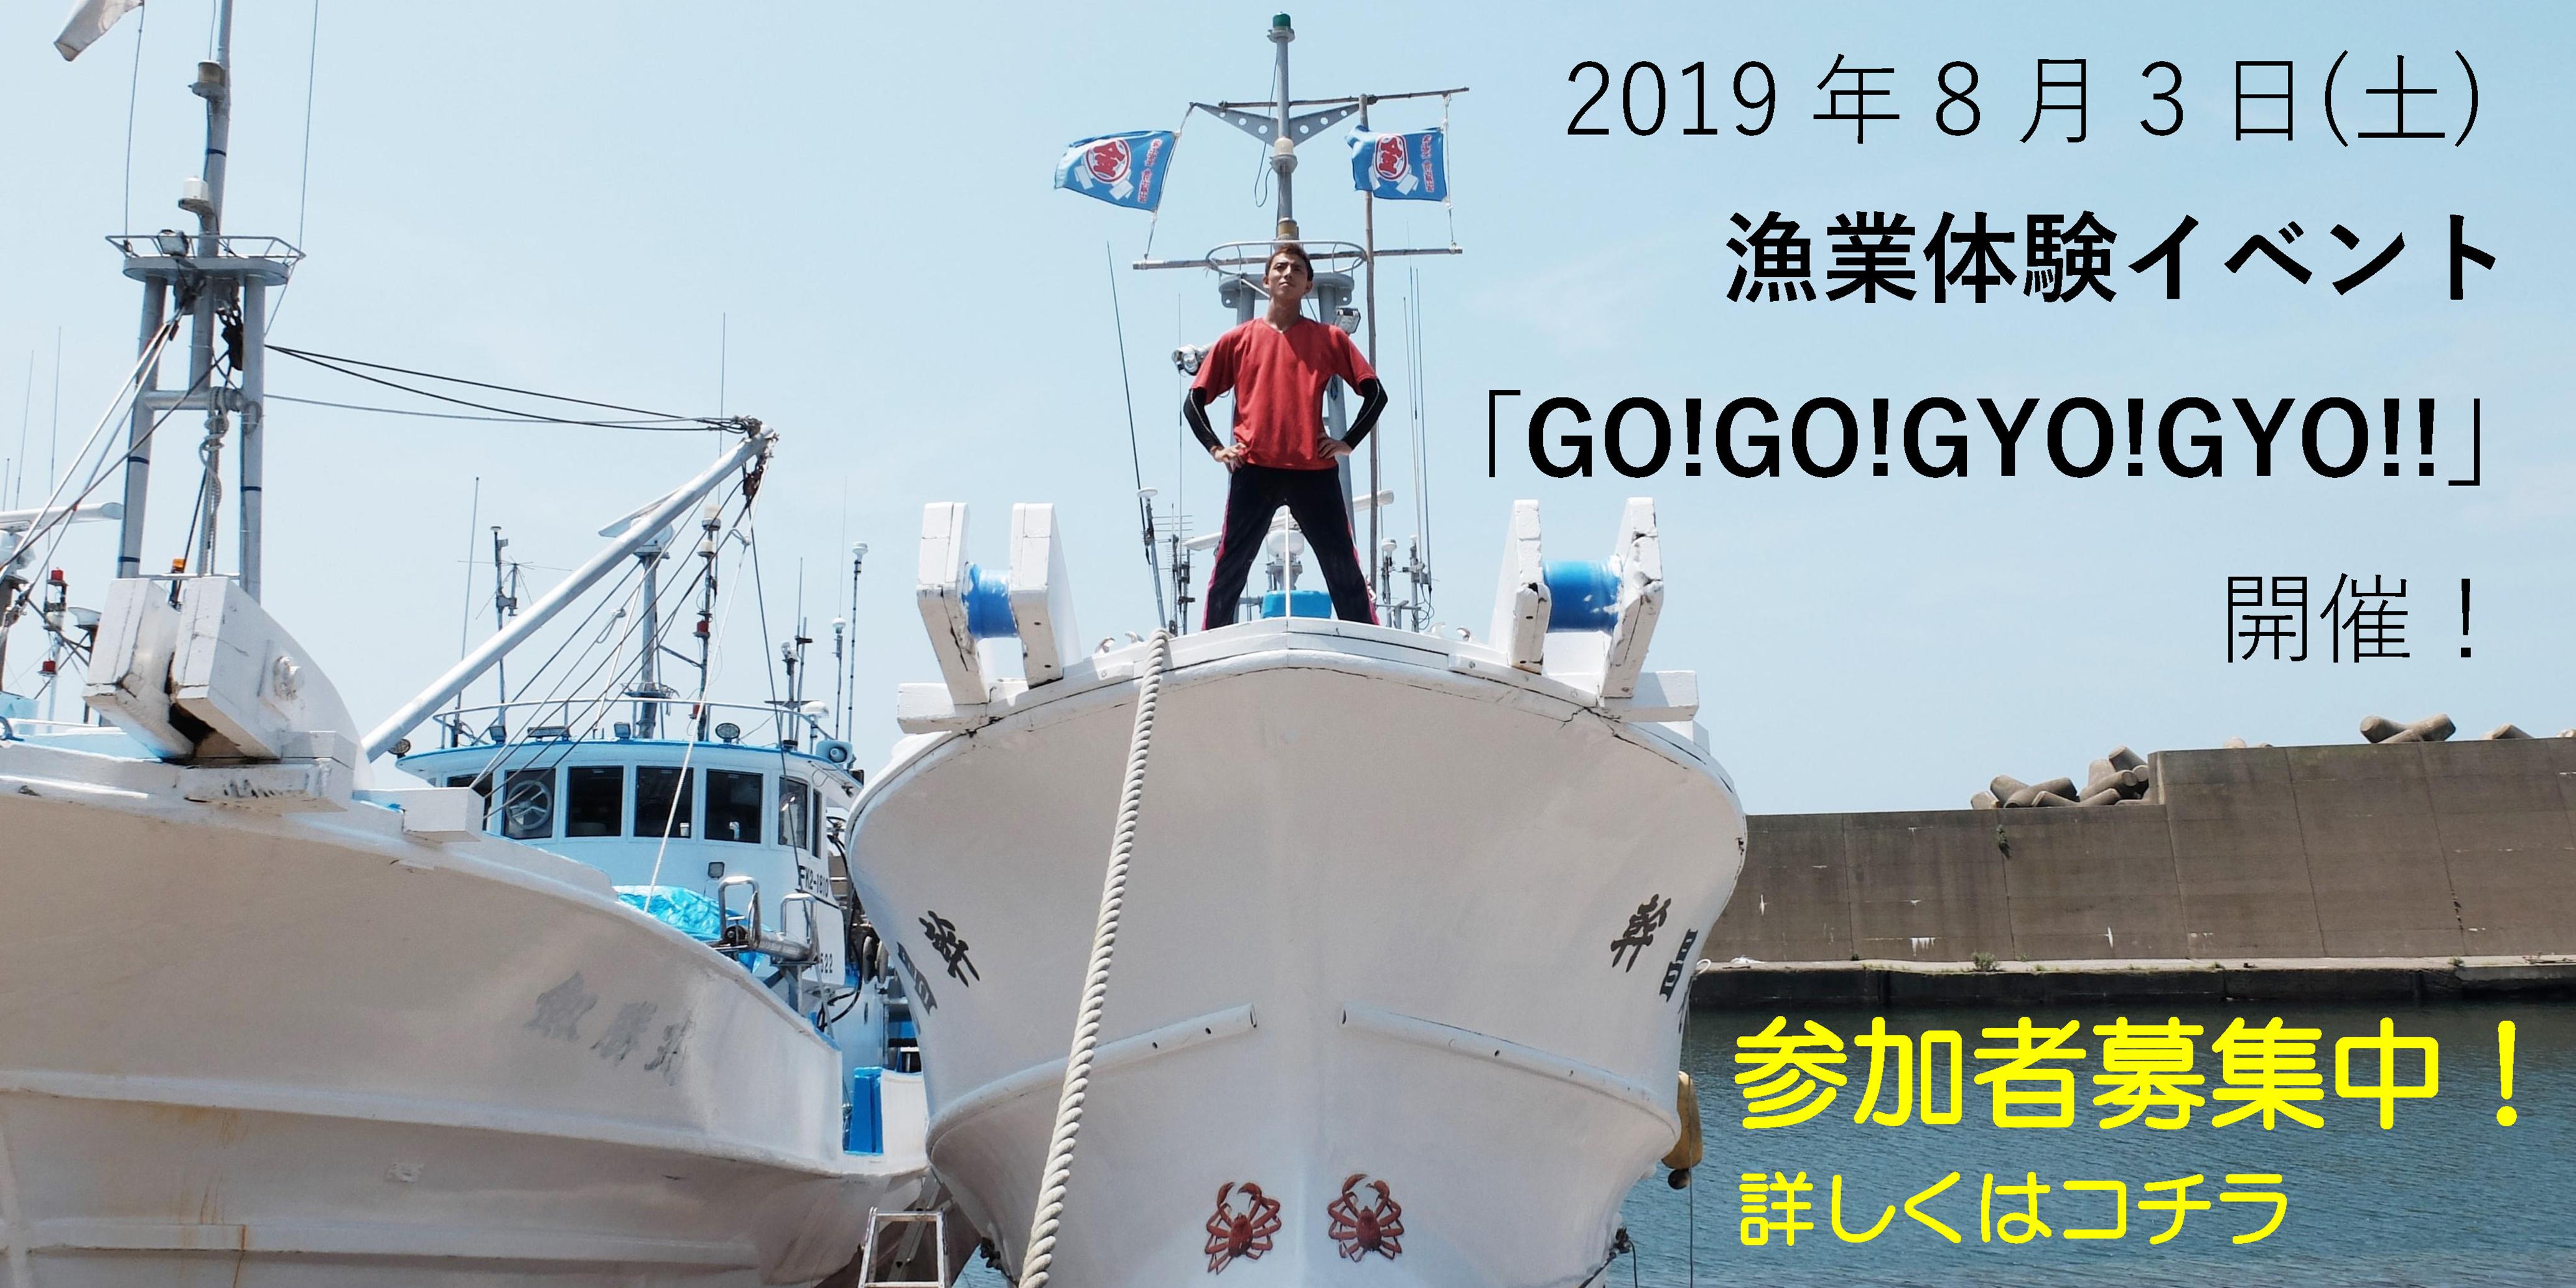 漁業体験イベント